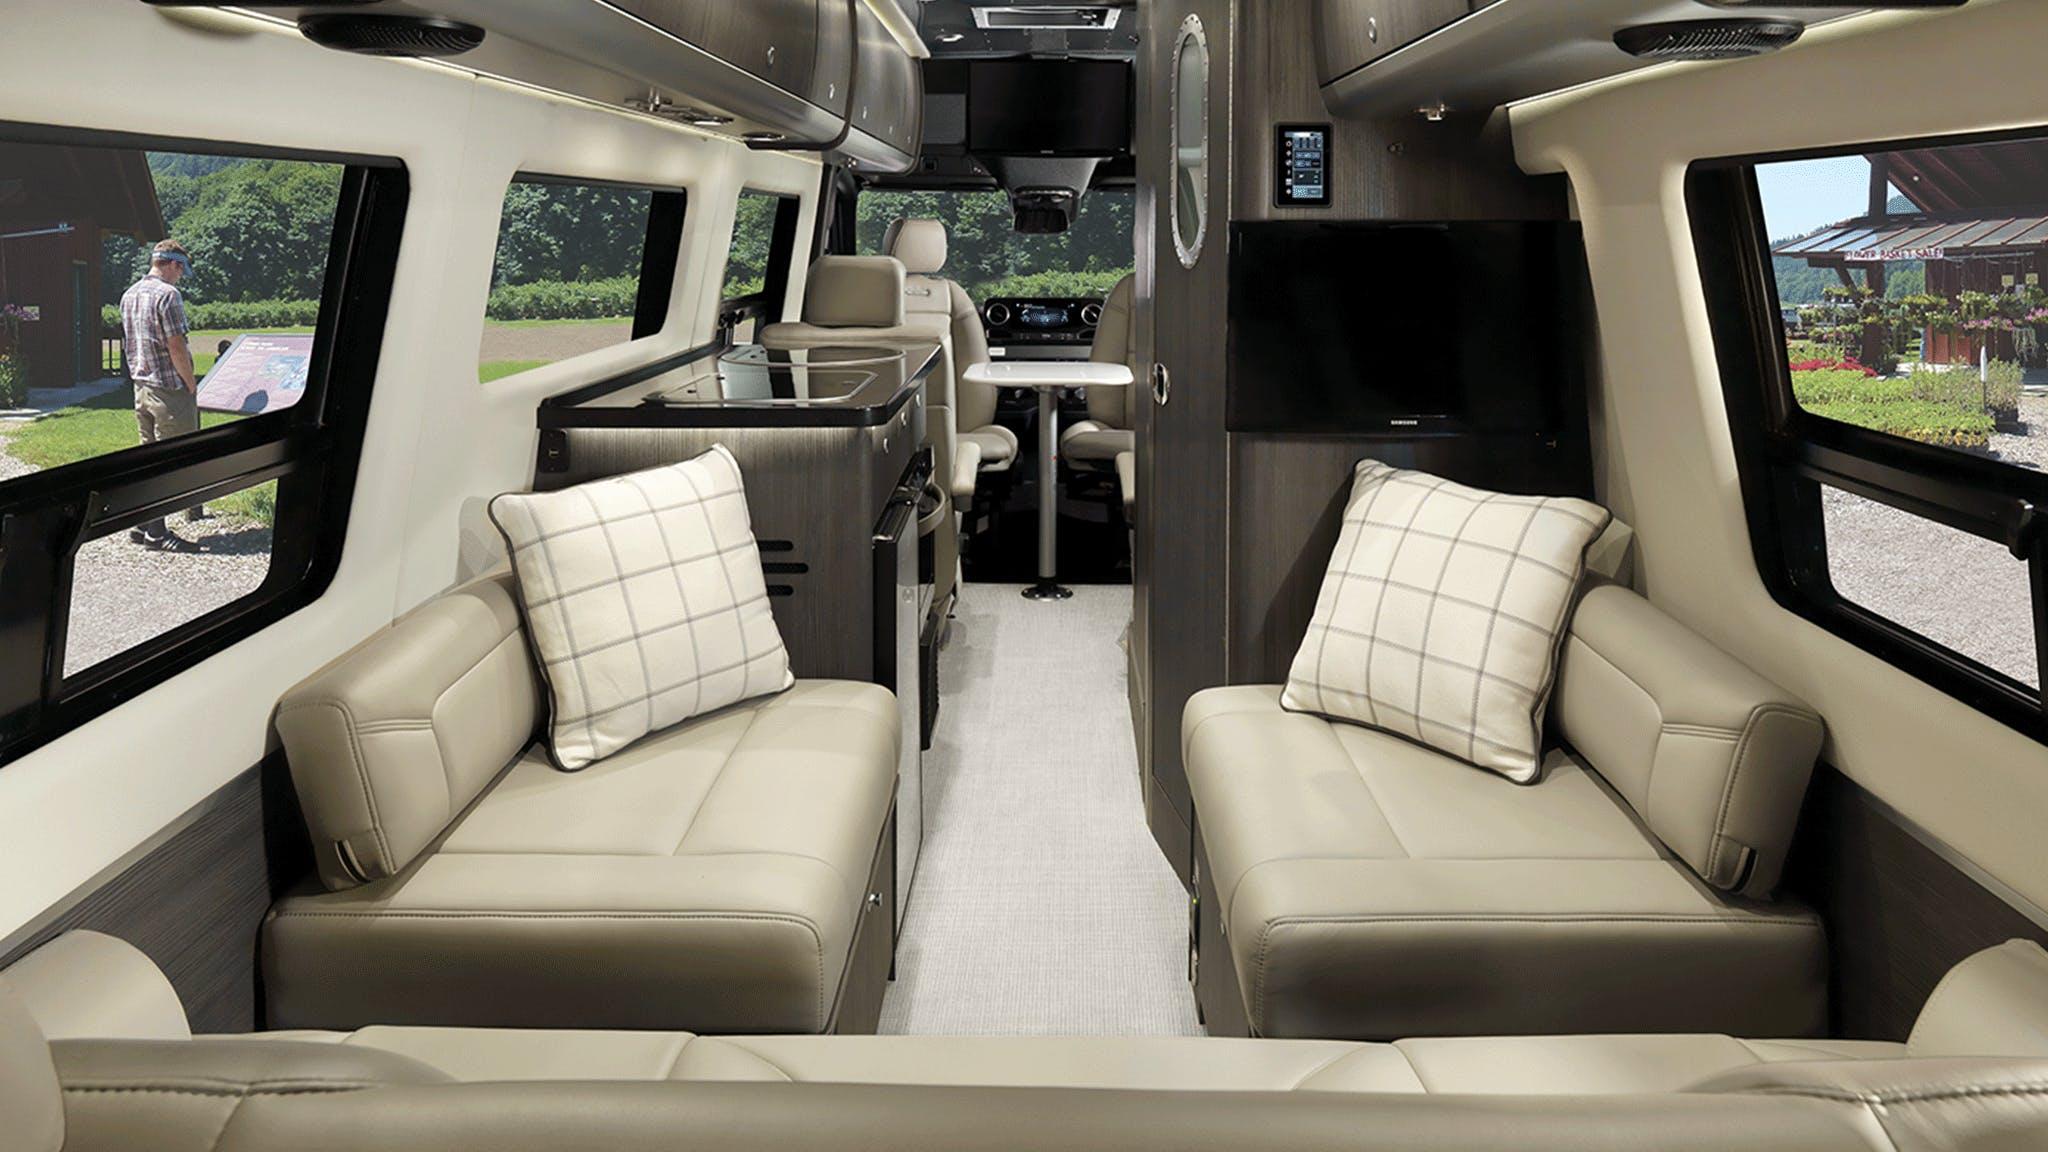 2020 Airstream Interstate Lounge Interior Modern Greige